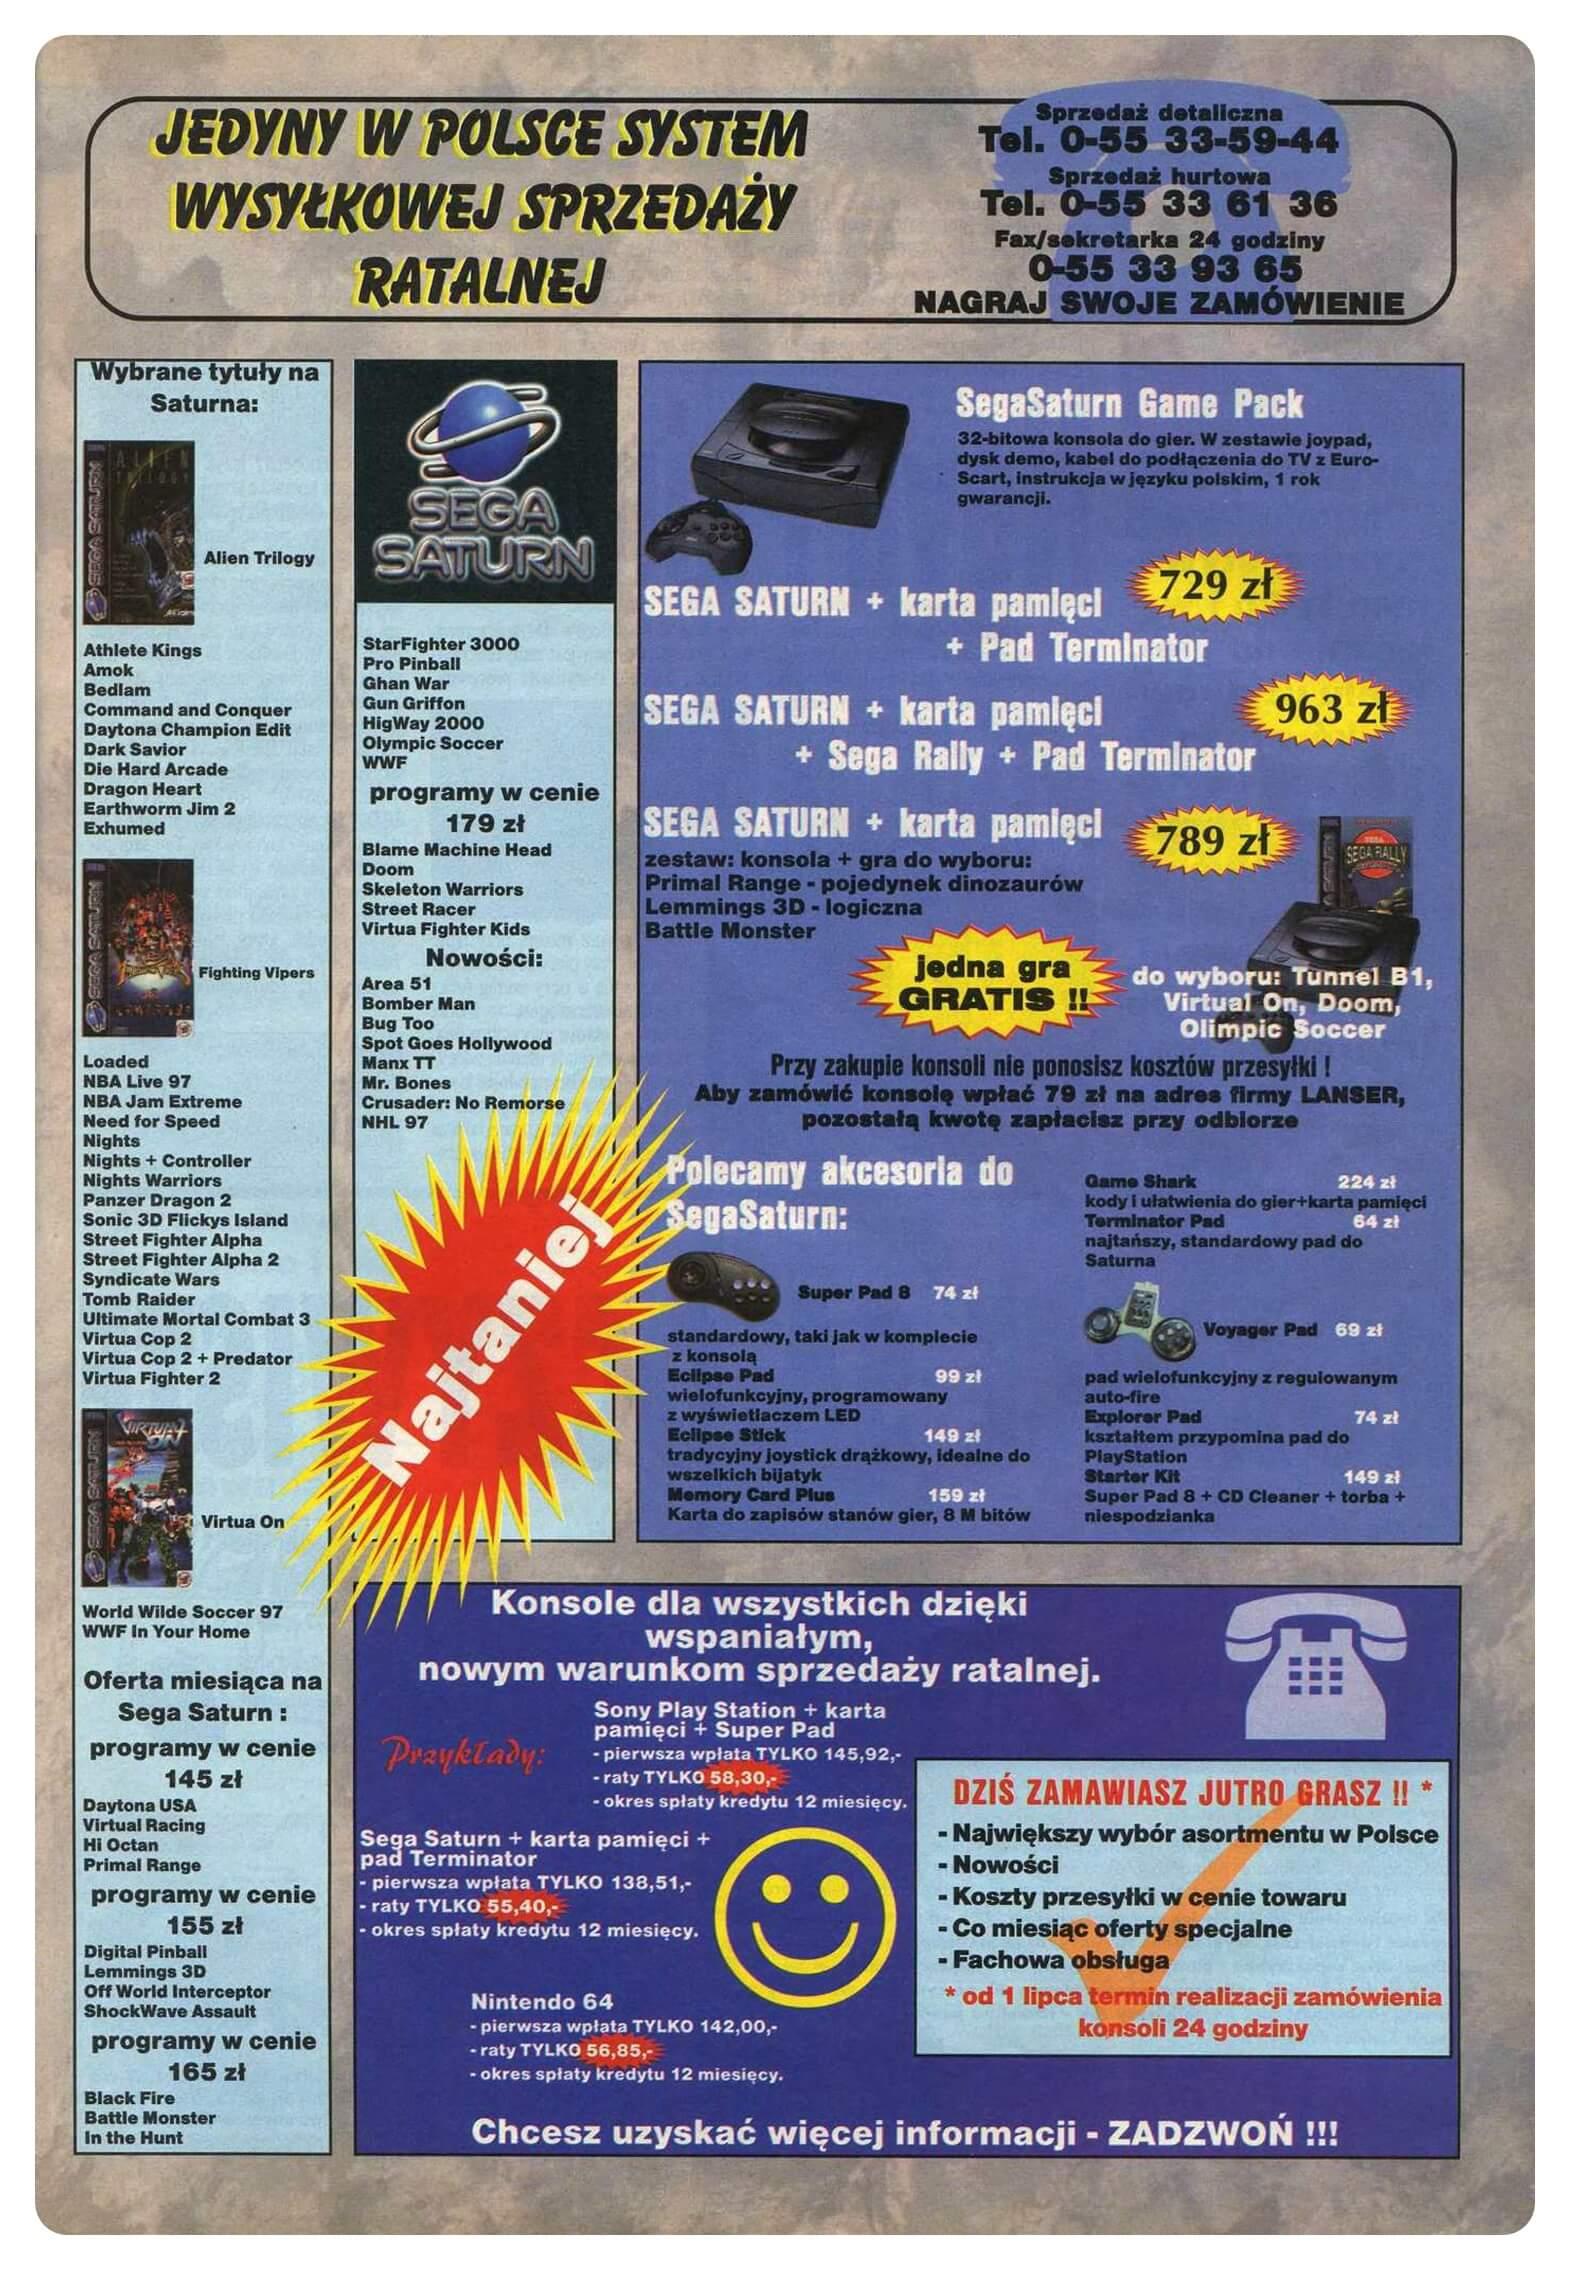 ss 07 lipiec 1997 2 - Jak wyglądały ceny różnych konsol w Polsce w latach 1996-2006?